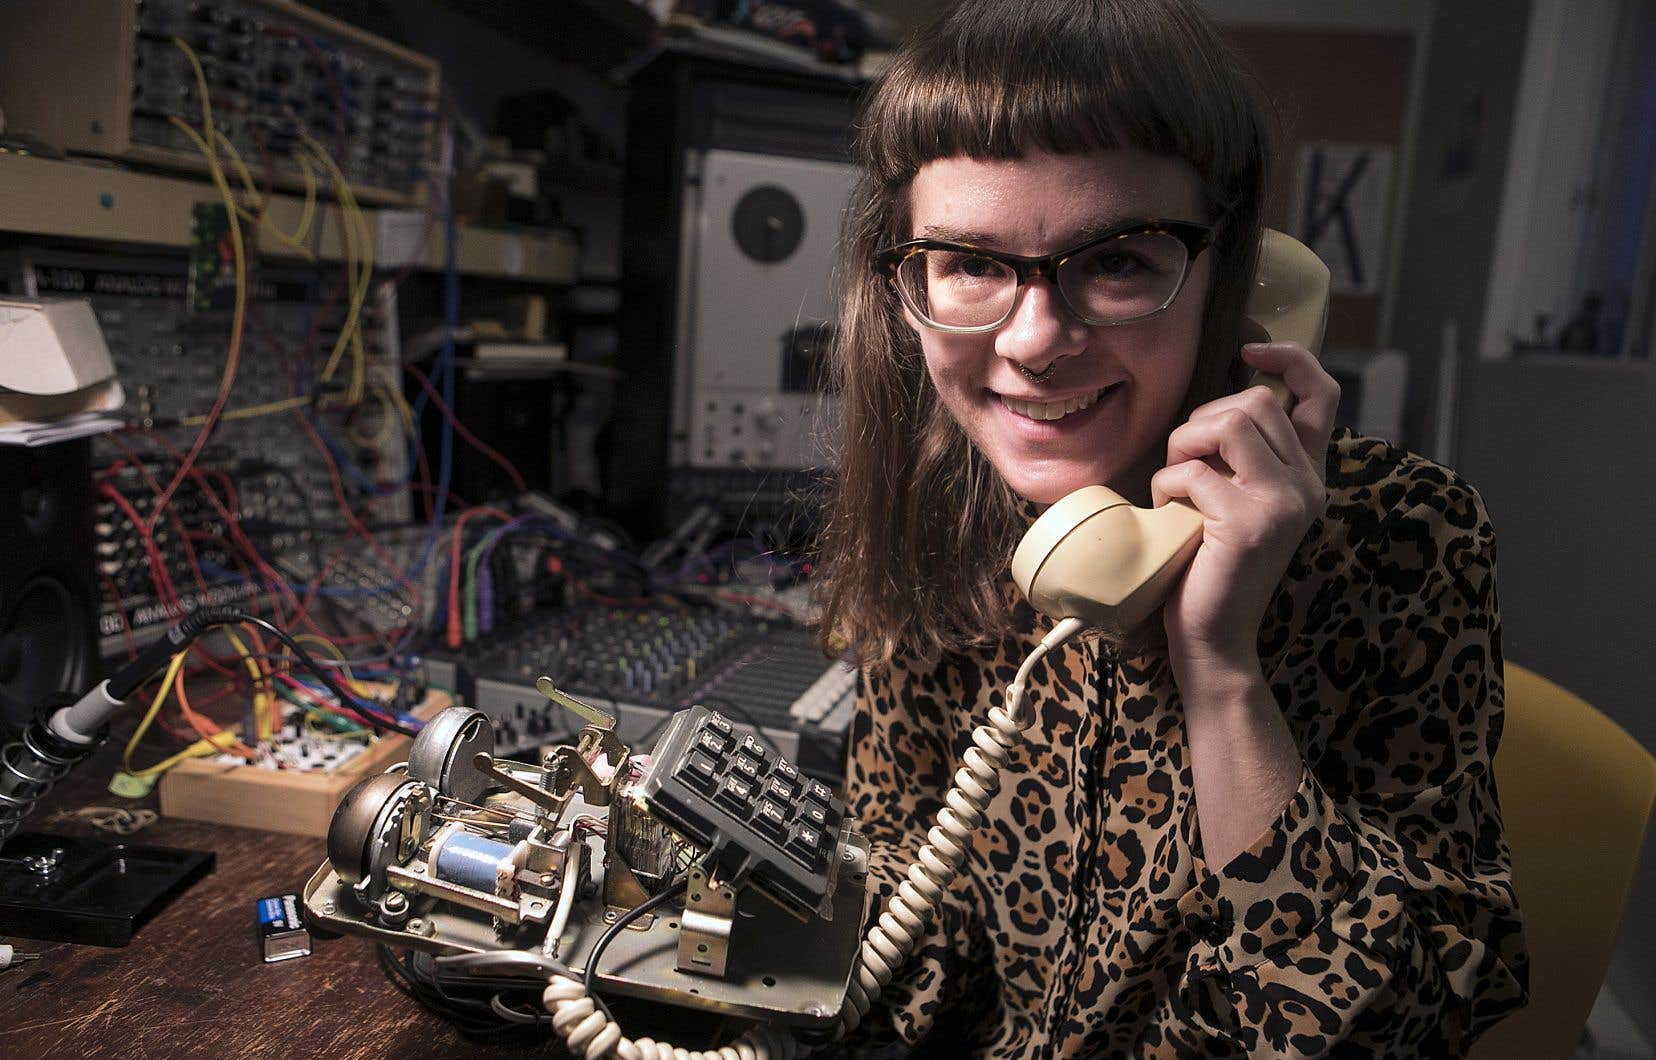 Émilie Payeur s'est intéressée au «circuit-bending» il y a quelques années, apprenant «sur le tas» les secrets des circuits électroniques.